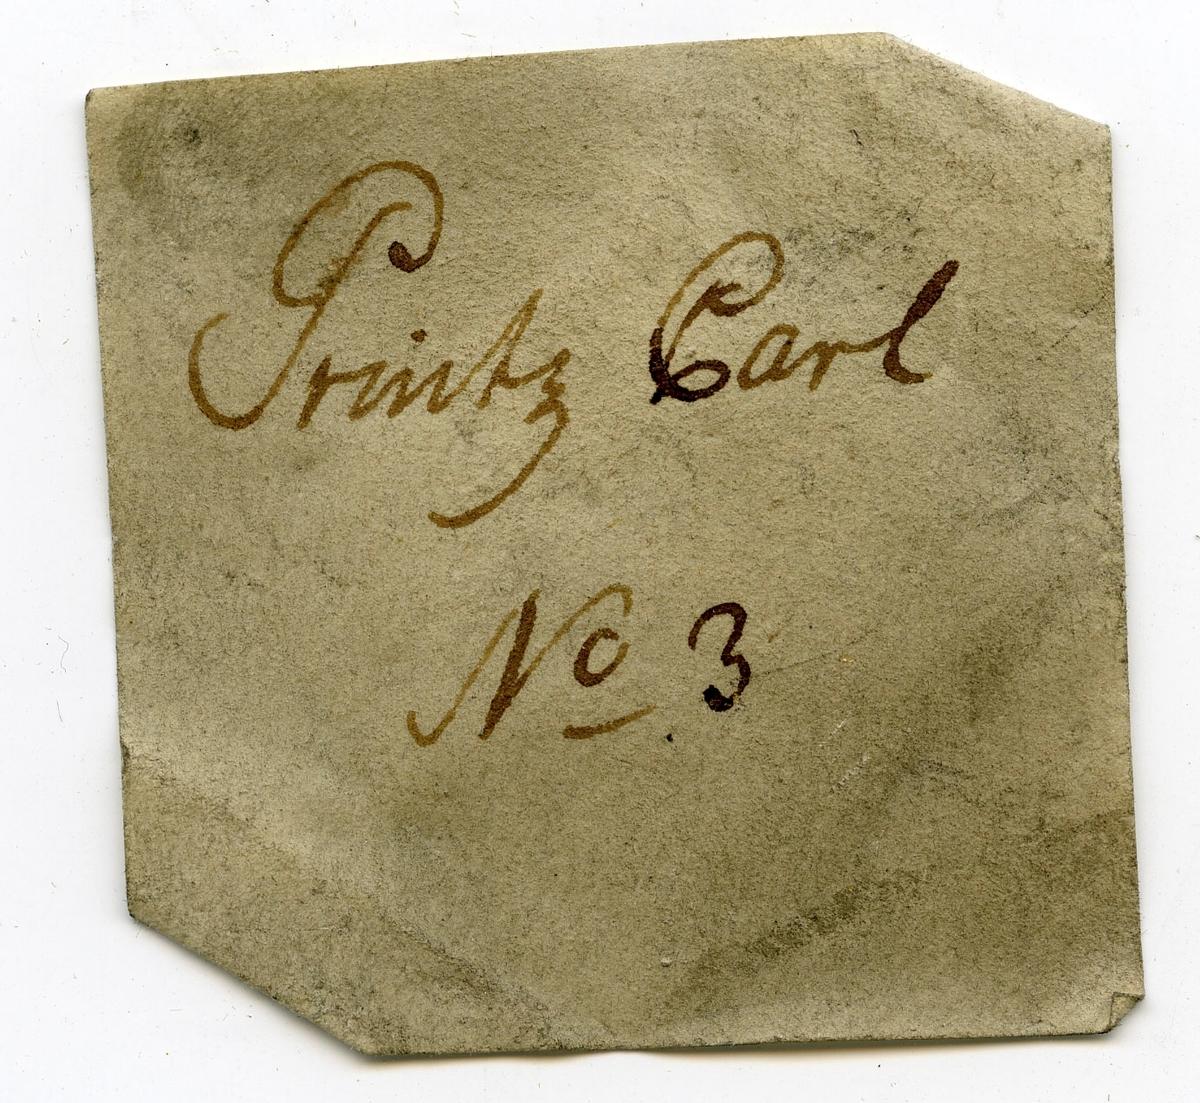 Etikett på prøve: Printz Carl 3.  Etikett i eske: Printz Carl  No. 3